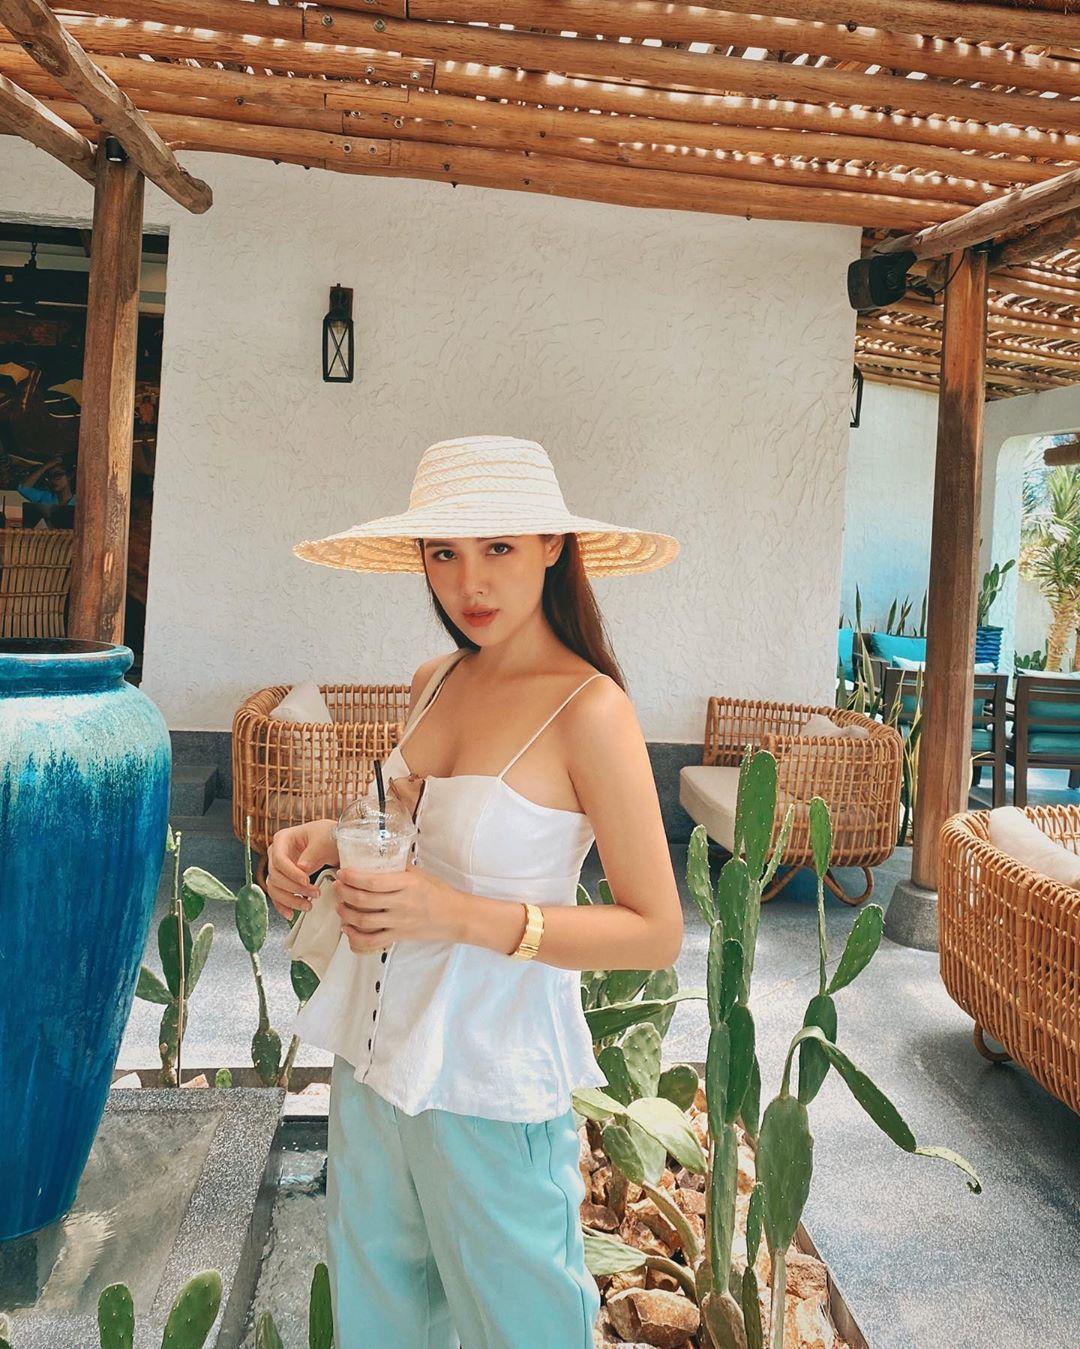 Phanh Lee khoe làn da mịn màng tuổi 30, bật mí tuyệt chiêu không cần kem nền mà da vẫn căng mọng - Ảnh 3.